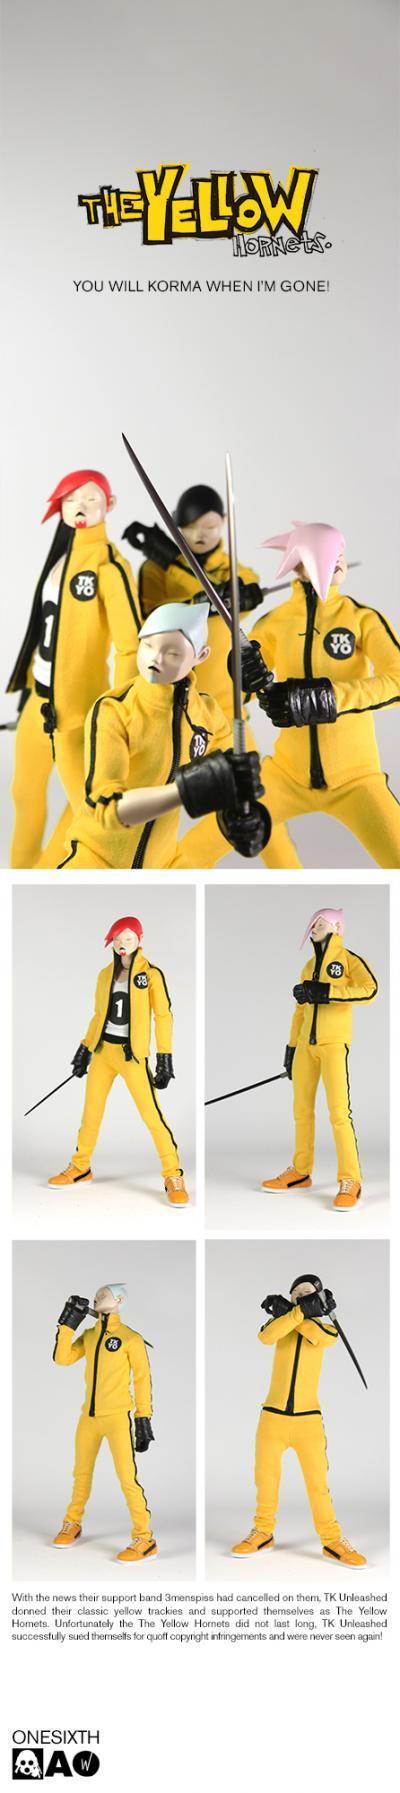 yellowhornetswebby1_convert_20121017232048.jpg